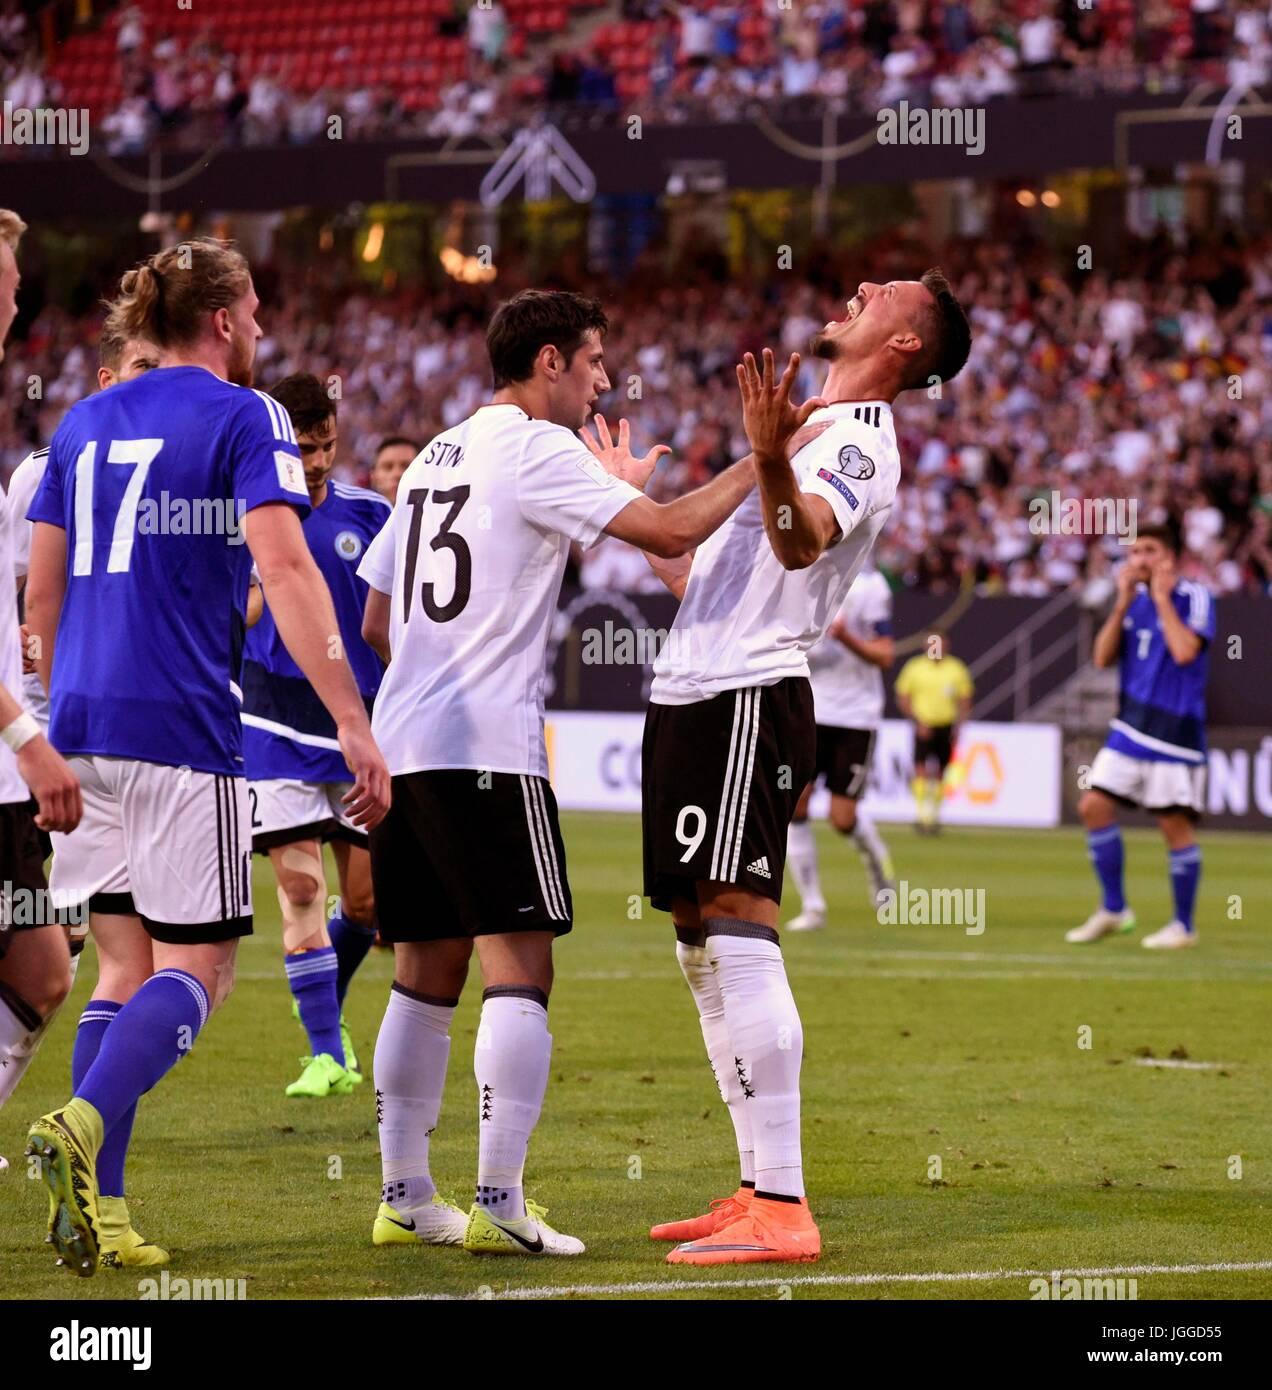 10.06.2017, Fussball Länderspiel WM-Qualifikation, Deutschland - San Marino, im Stadion Nürnberg. Torjubel - Stock Image